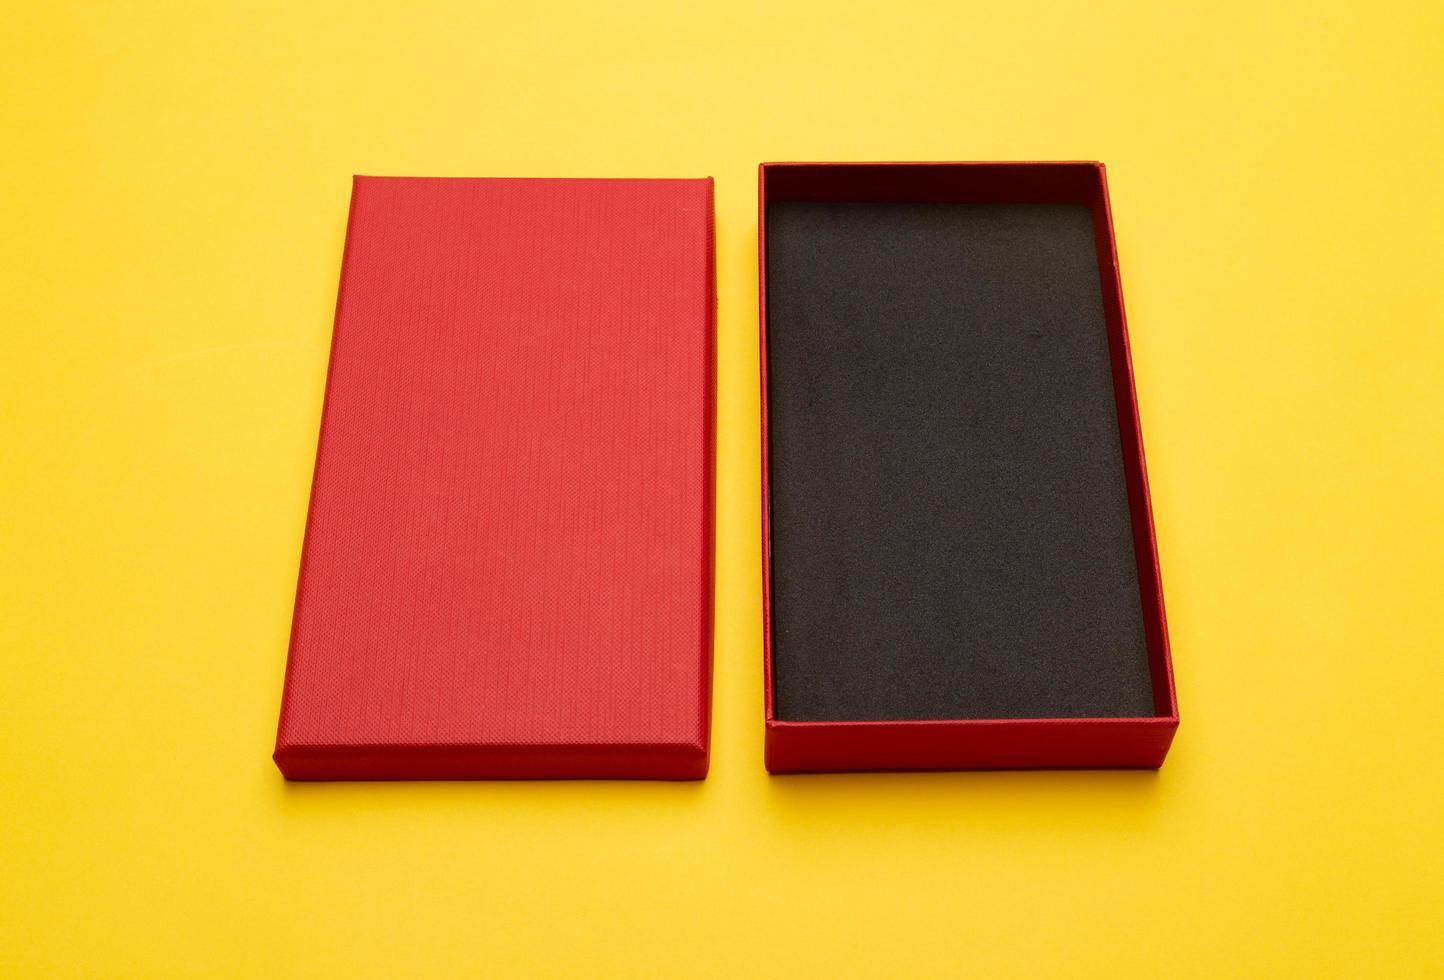 boîte rouge isolé sur fond jaune photo